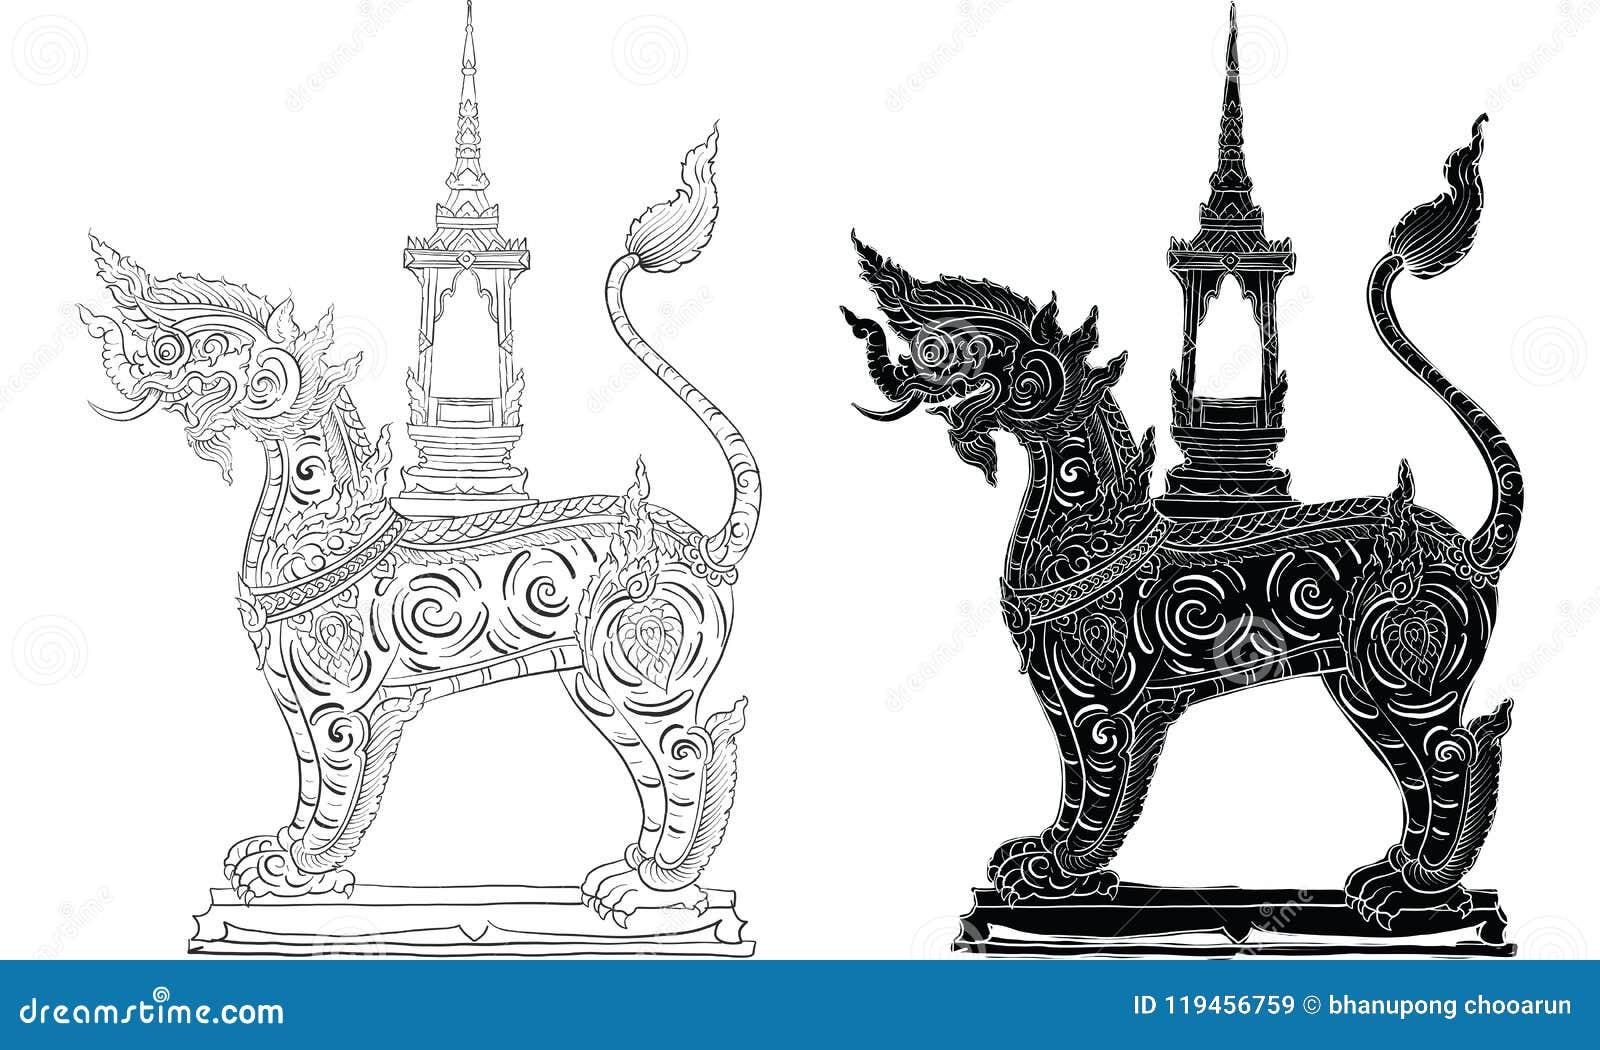 Ταϊλανδική παραδοσιακή δερματοστιξία, ταϊλανδική παραδοσιακή ζωγραφική στο διάνυσμα ναών